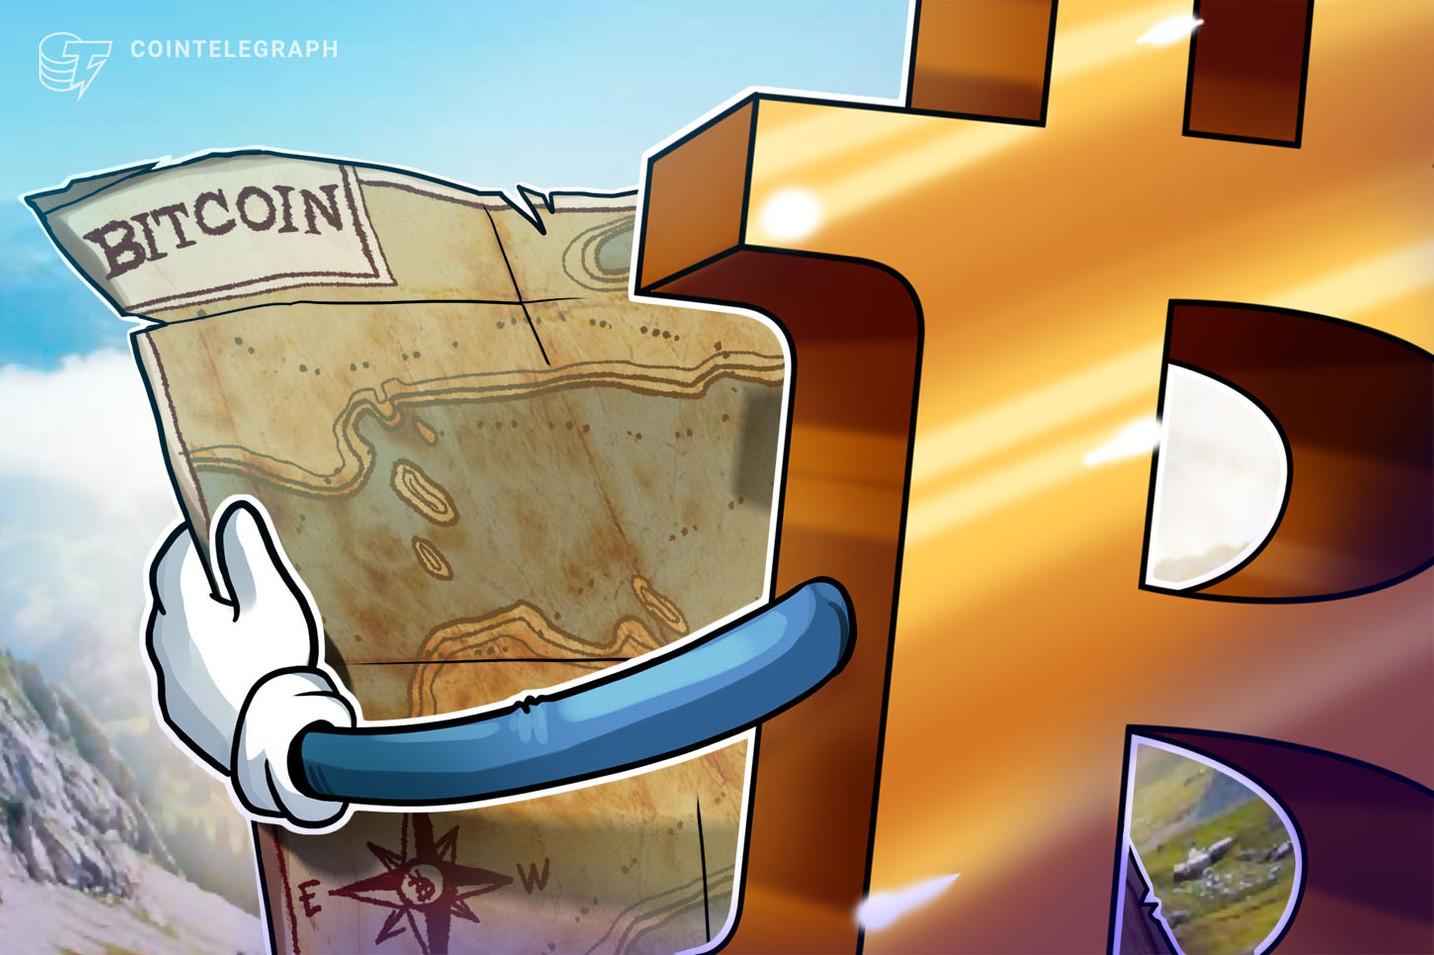 El precio de Bitcoin se consolida por debajo de los USD 10,000 después del halving. ¿Qué sigue ahora?